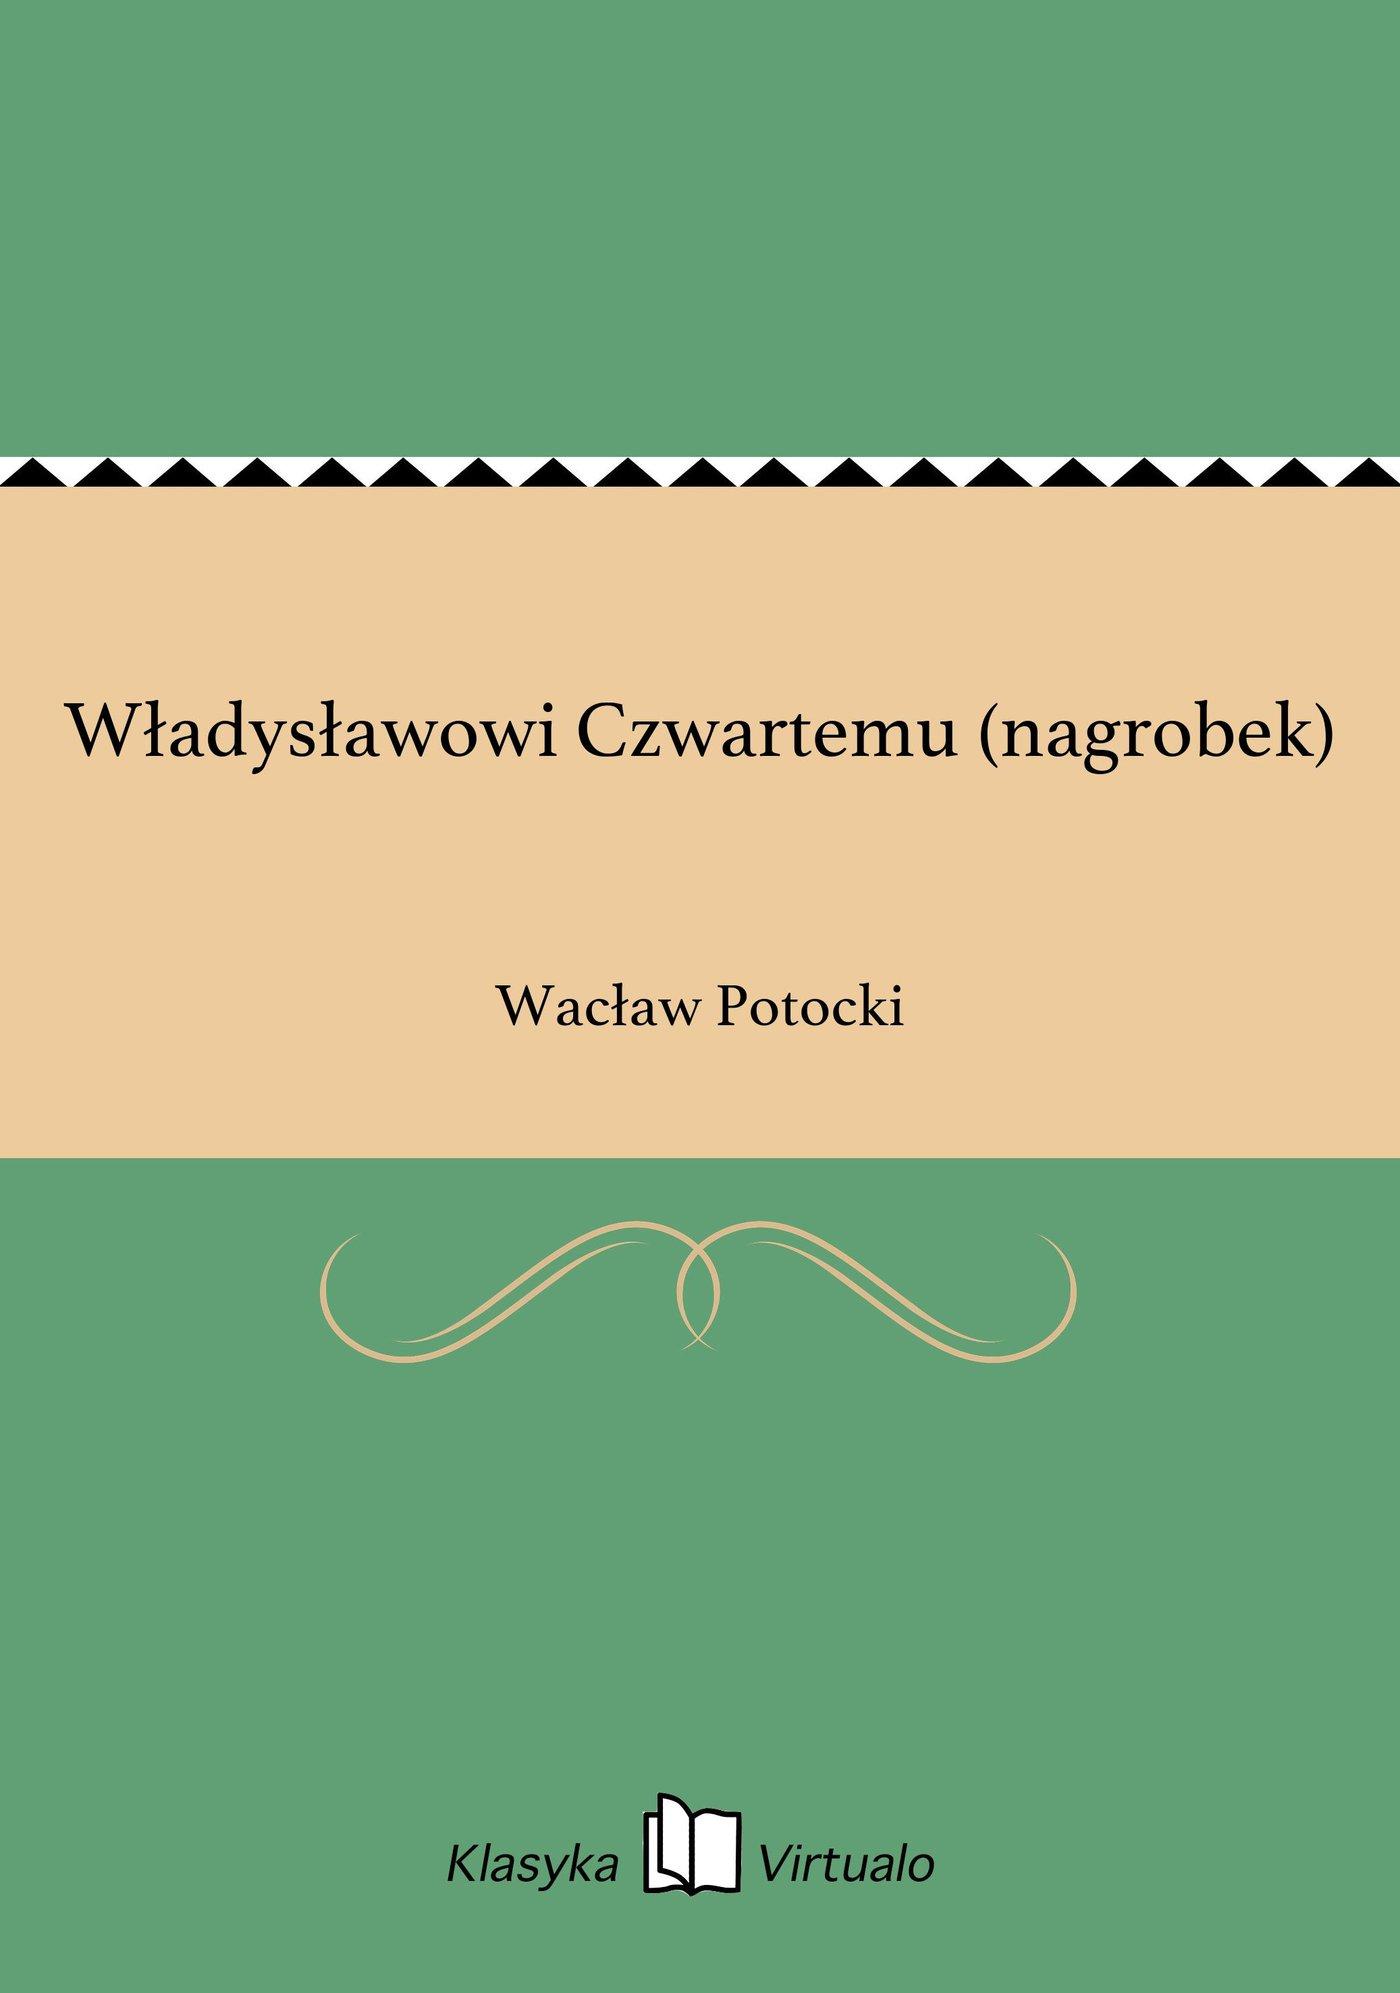 Władysławowi Czwartemu (nagrobek) - Ebook (Książka na Kindle) do pobrania w formacie MOBI